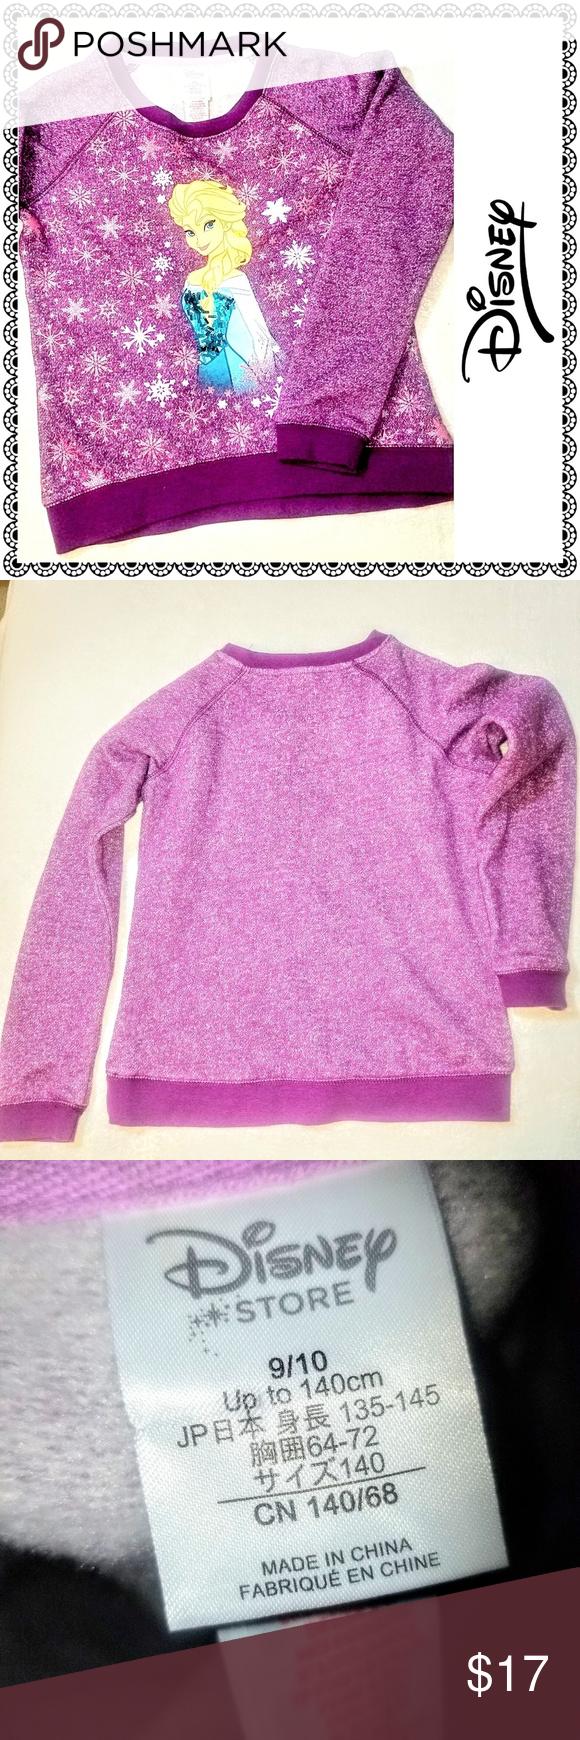 Disney Store Frozen Elsa Sweatshirt Girls 9 10 Disney Store Purple Frozen Elsa Sweatshirt Embelli Girls Disney Shirts Elsa Sweatshirt Girl Sweatshirts [ 1740 x 580 Pixel ]